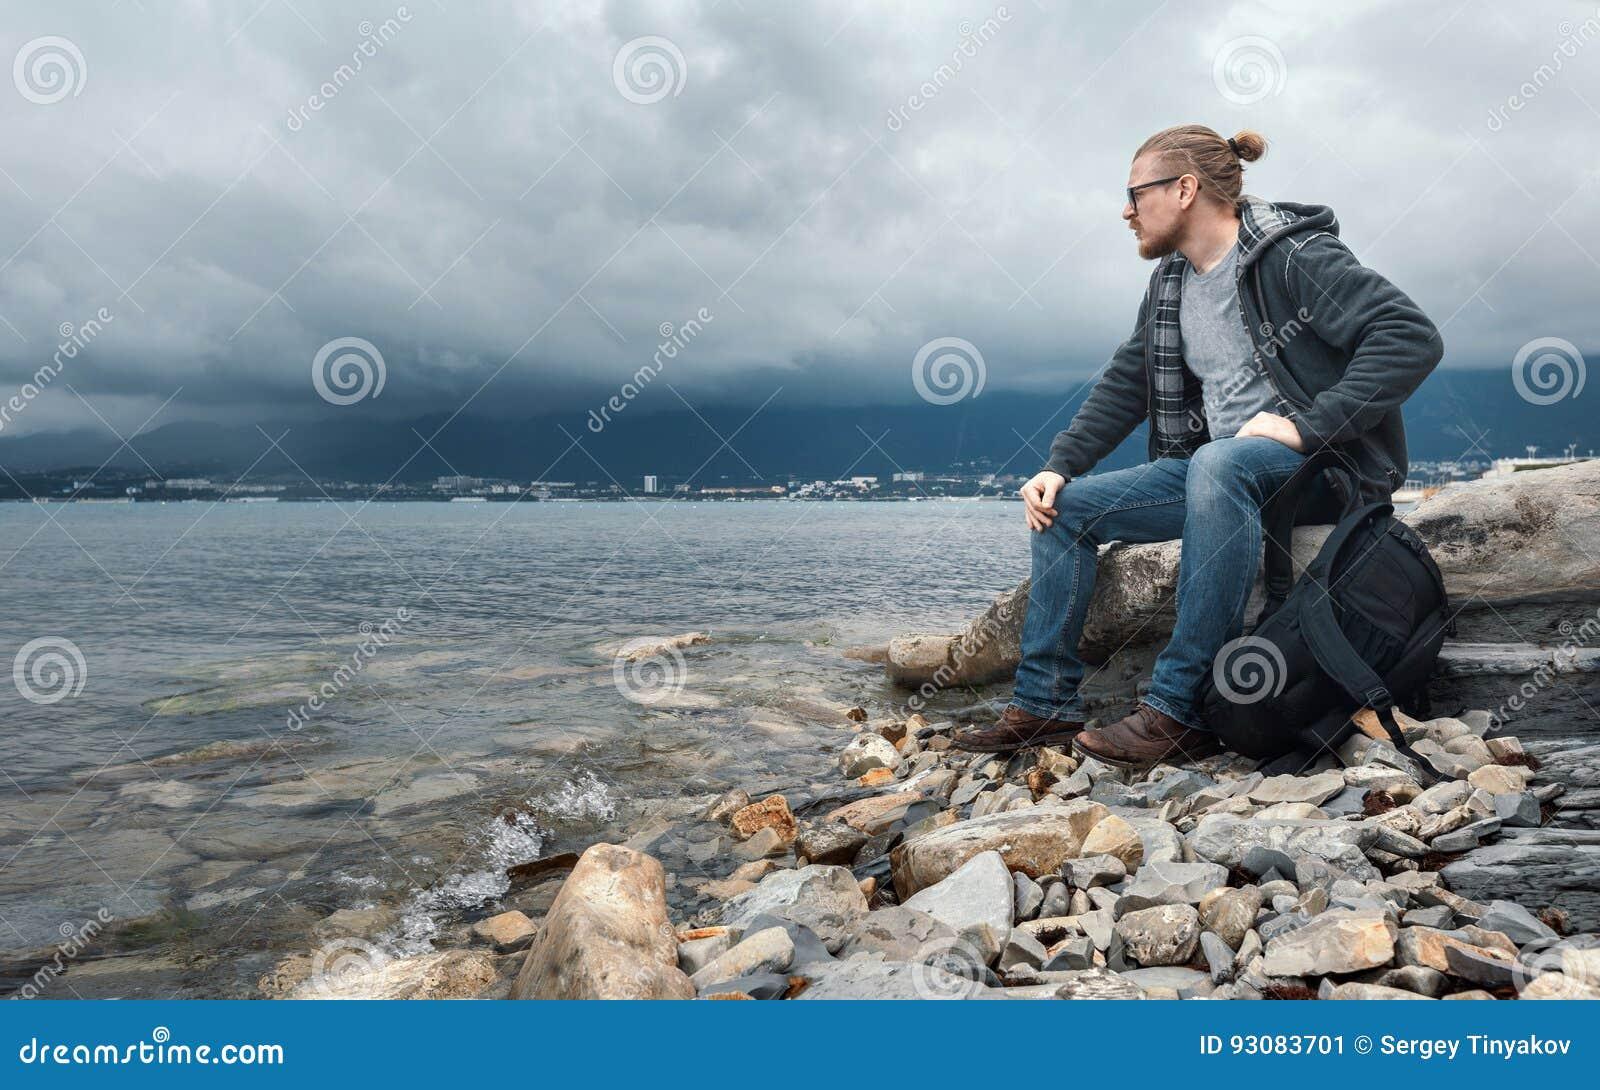 Sirva al viajero con los seets de una mochila en la costa contra un fondo de nubes y un concepto de la cordillera de caminar